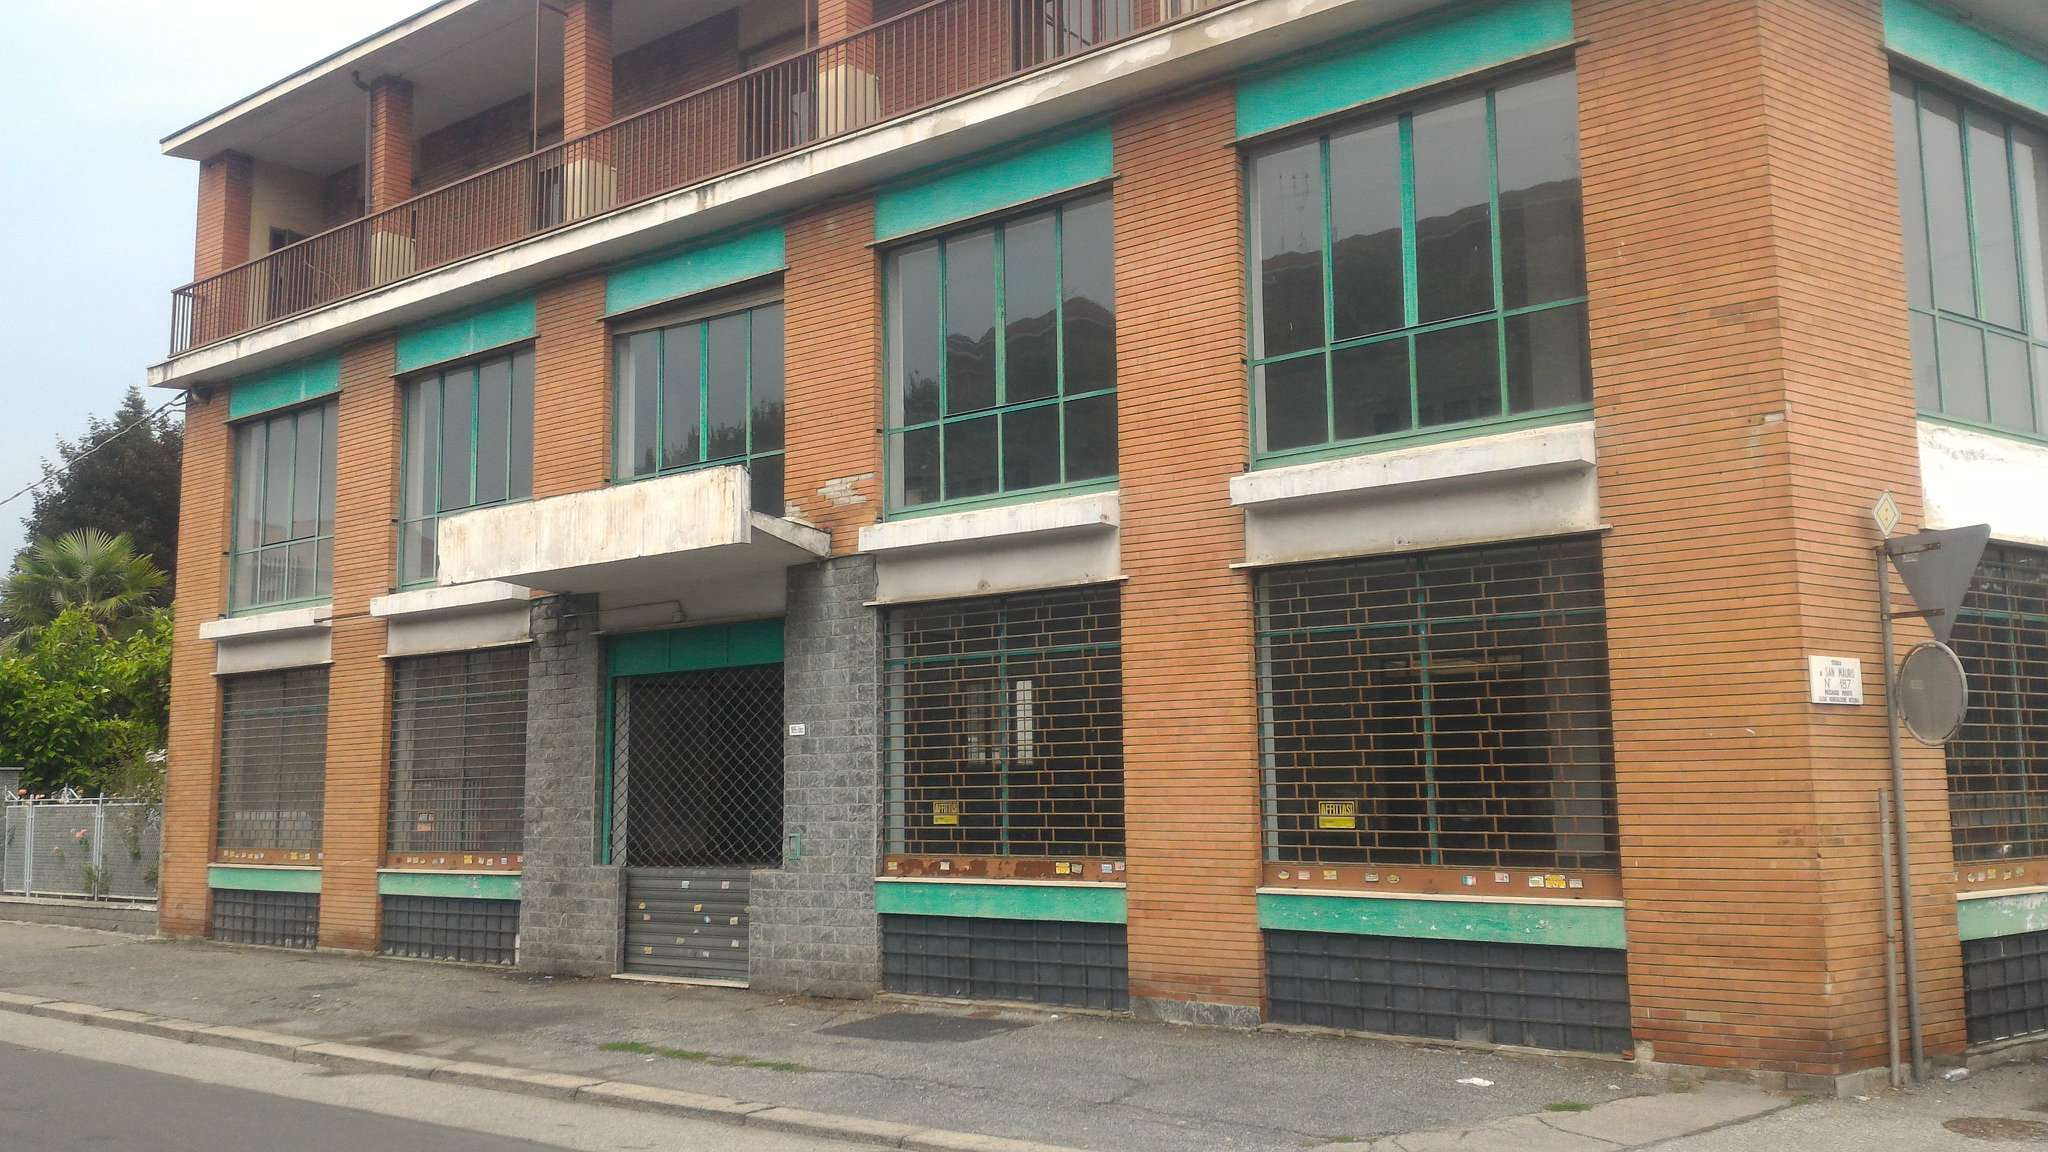 Immagine immobiliare LOCALE COMMERCIALE IN TORINO 1000 MQ Disponiamo in Torino Strada San Mauro di locale commerciale di 1000 mq circa con sei vetrine su strada; il locale è composto da : piano seminterrato di 200 mq uso magazzino, al primo piano...